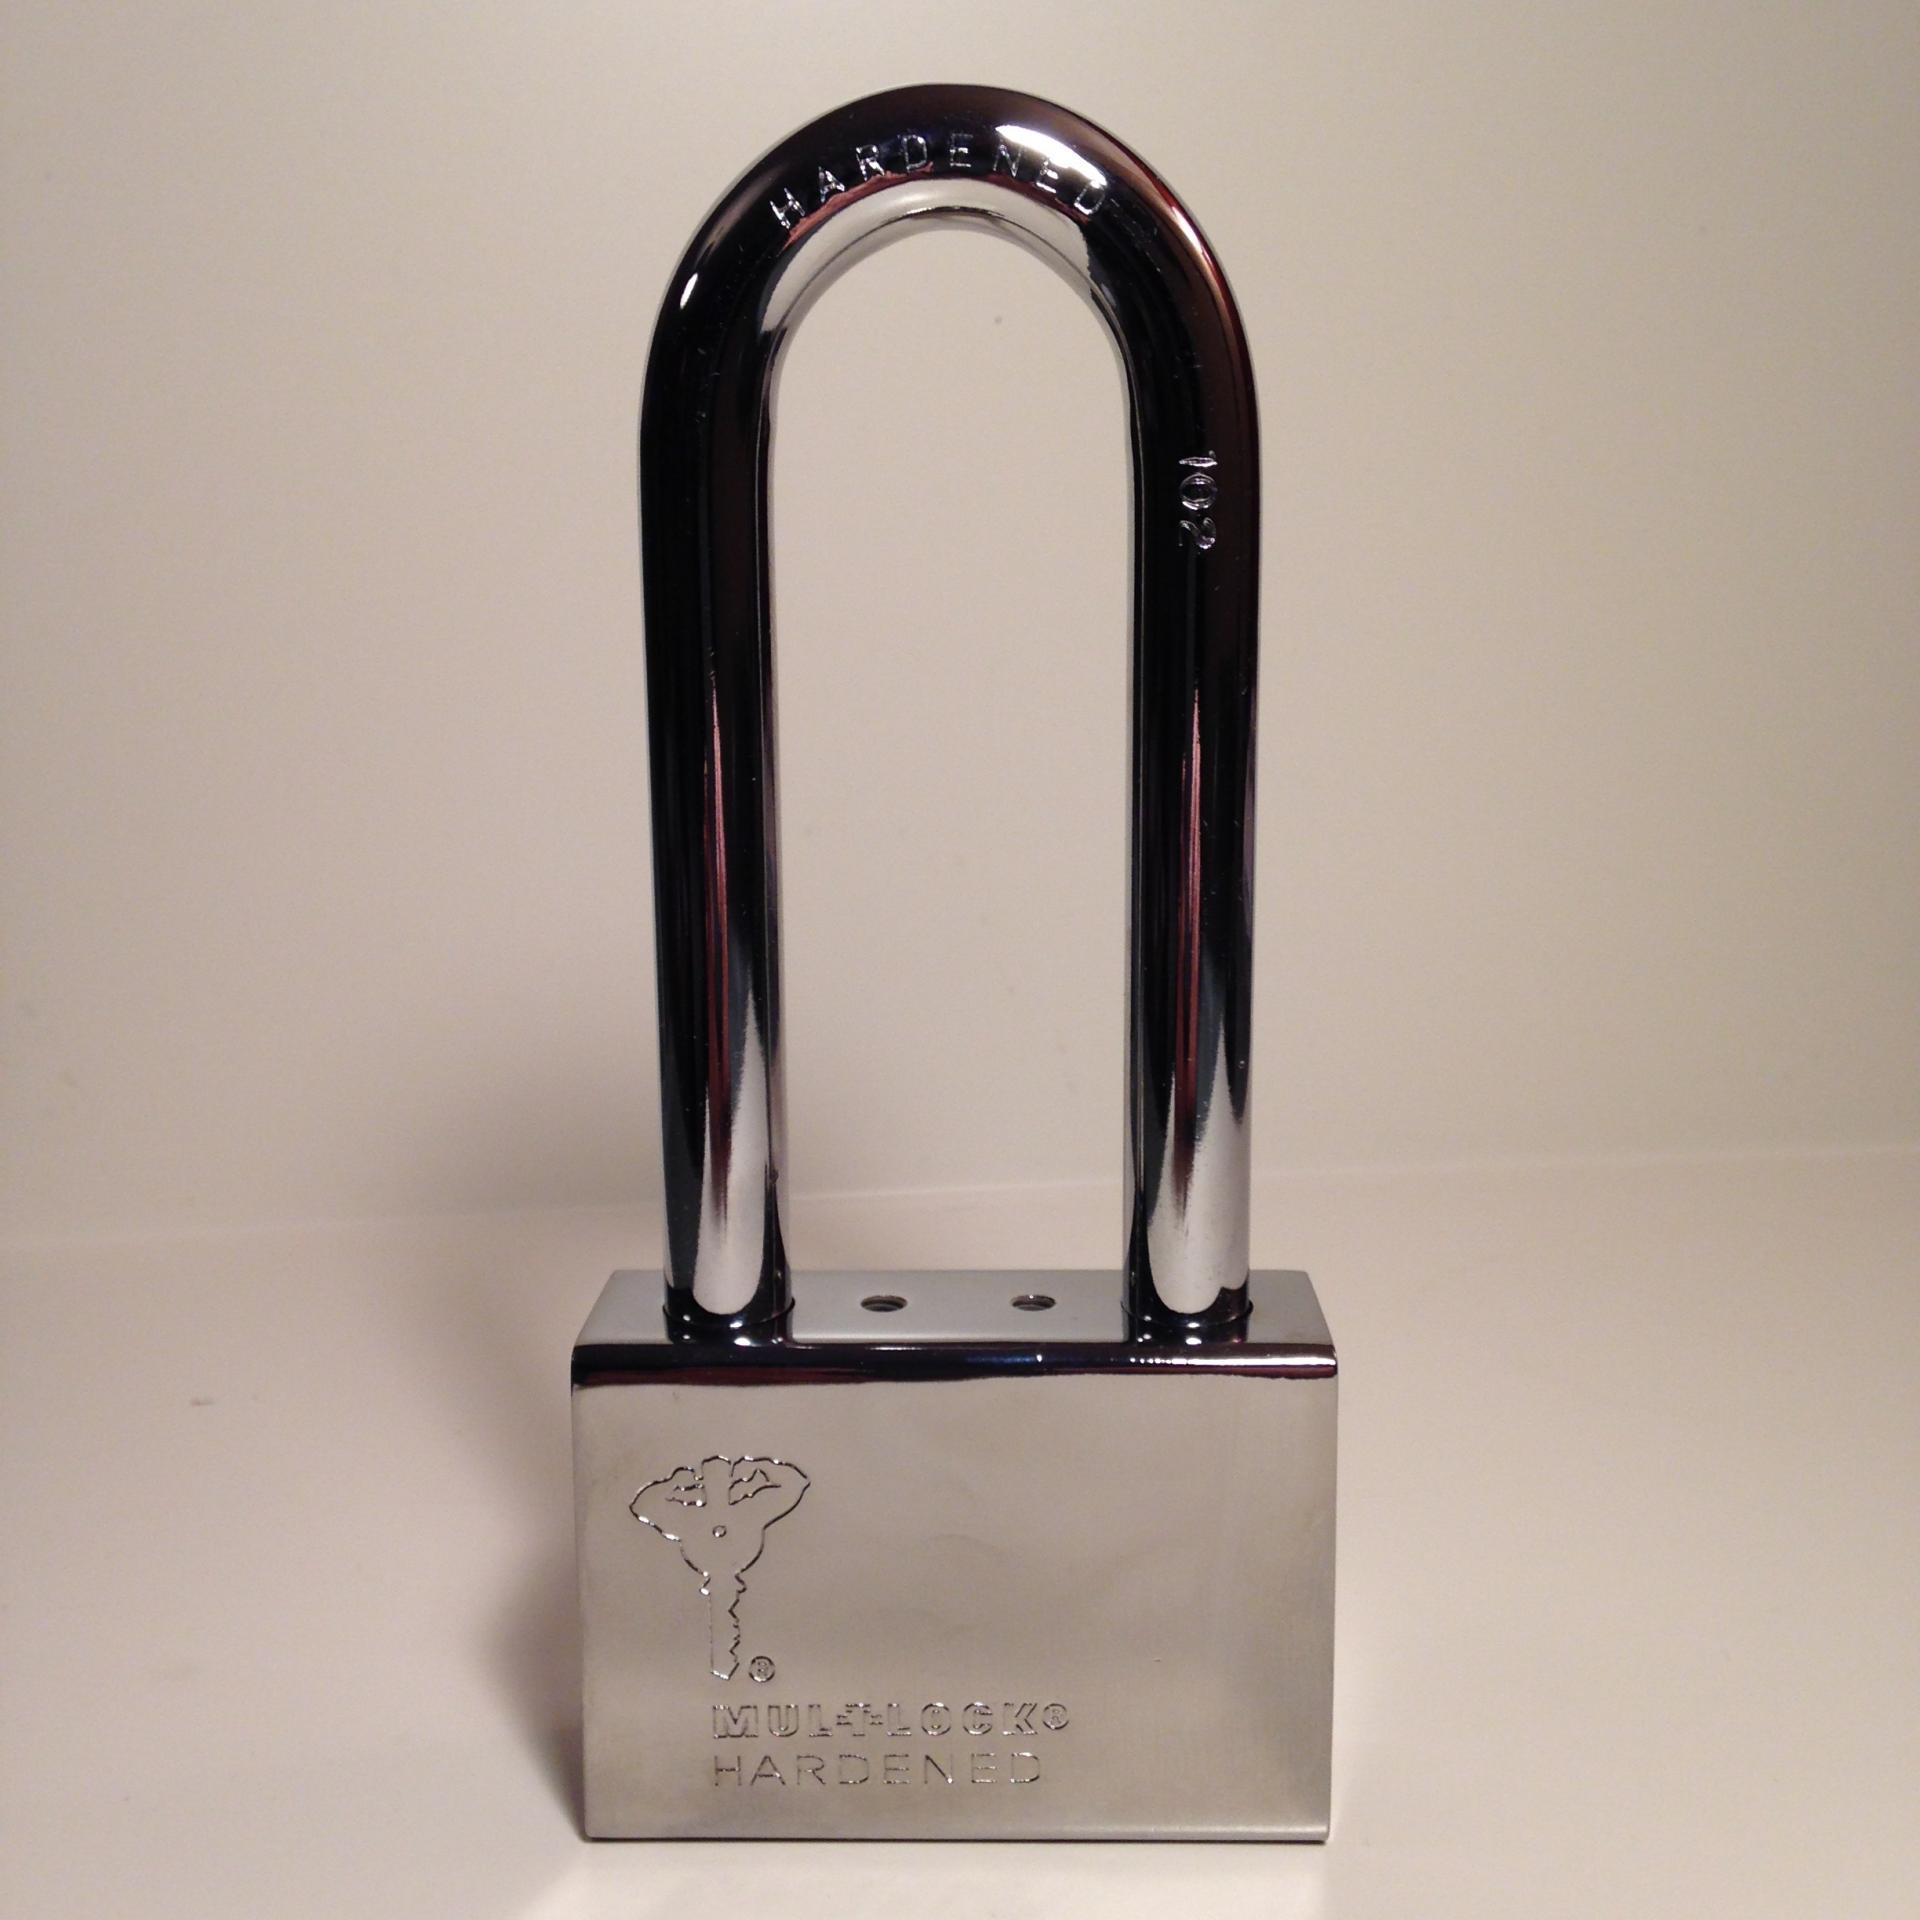 Cadenas mul t lock serie cad c 13 avec anse c3